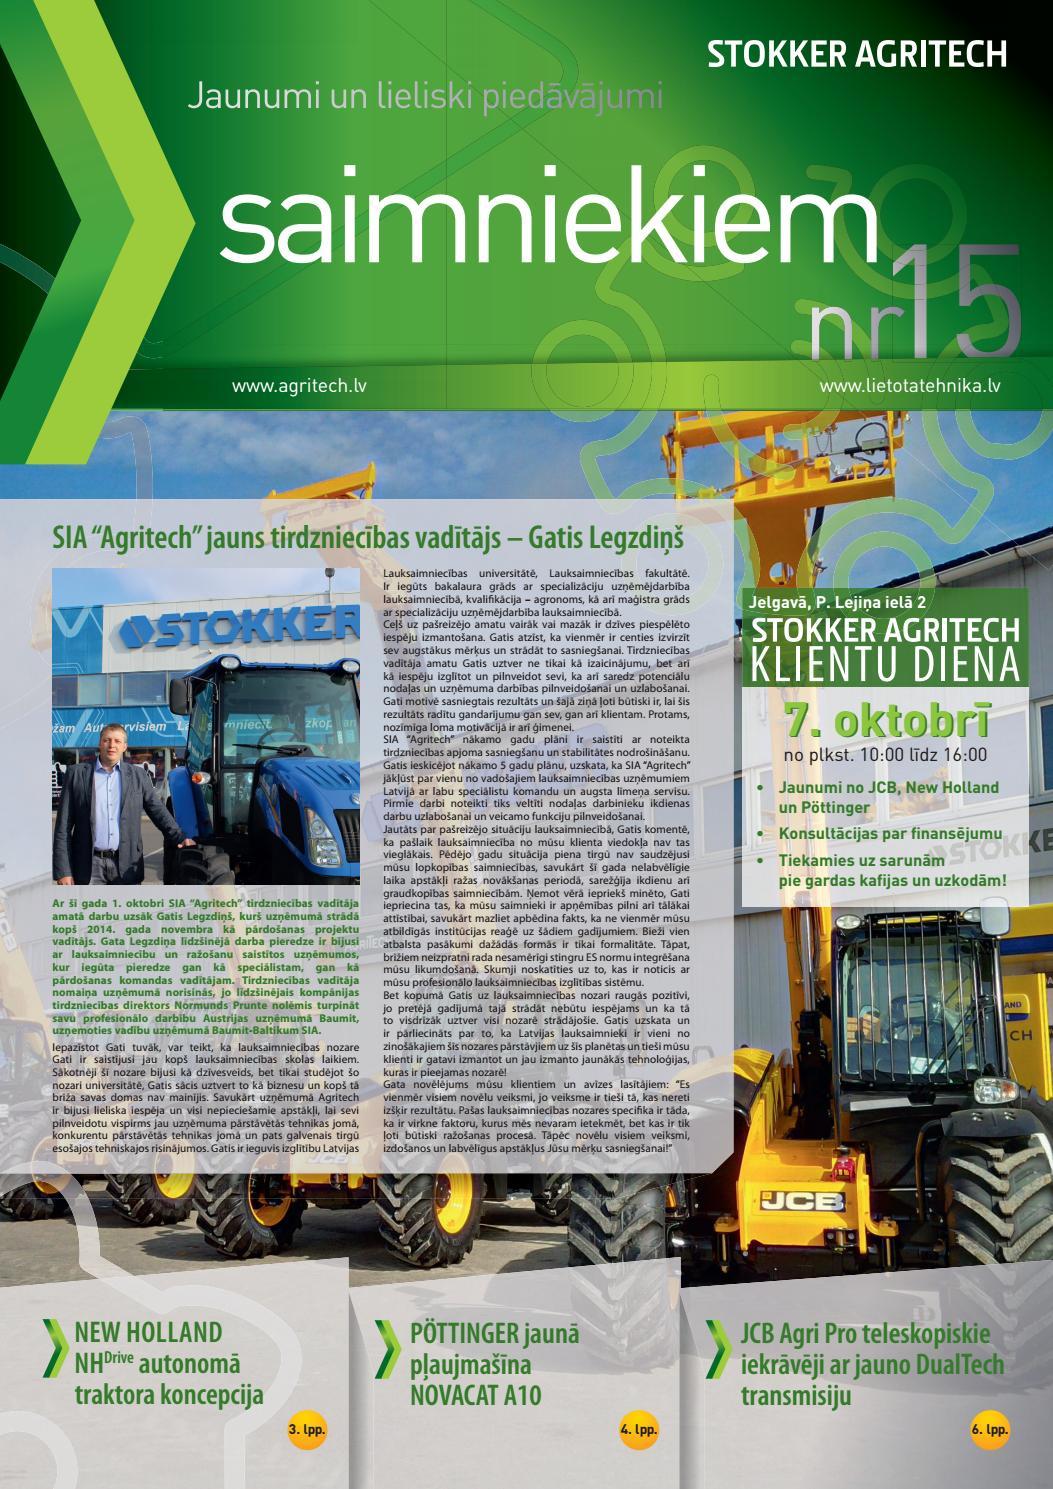 Avīze Saimniekiem nr. 15 by Stokker Agritech - Issuu